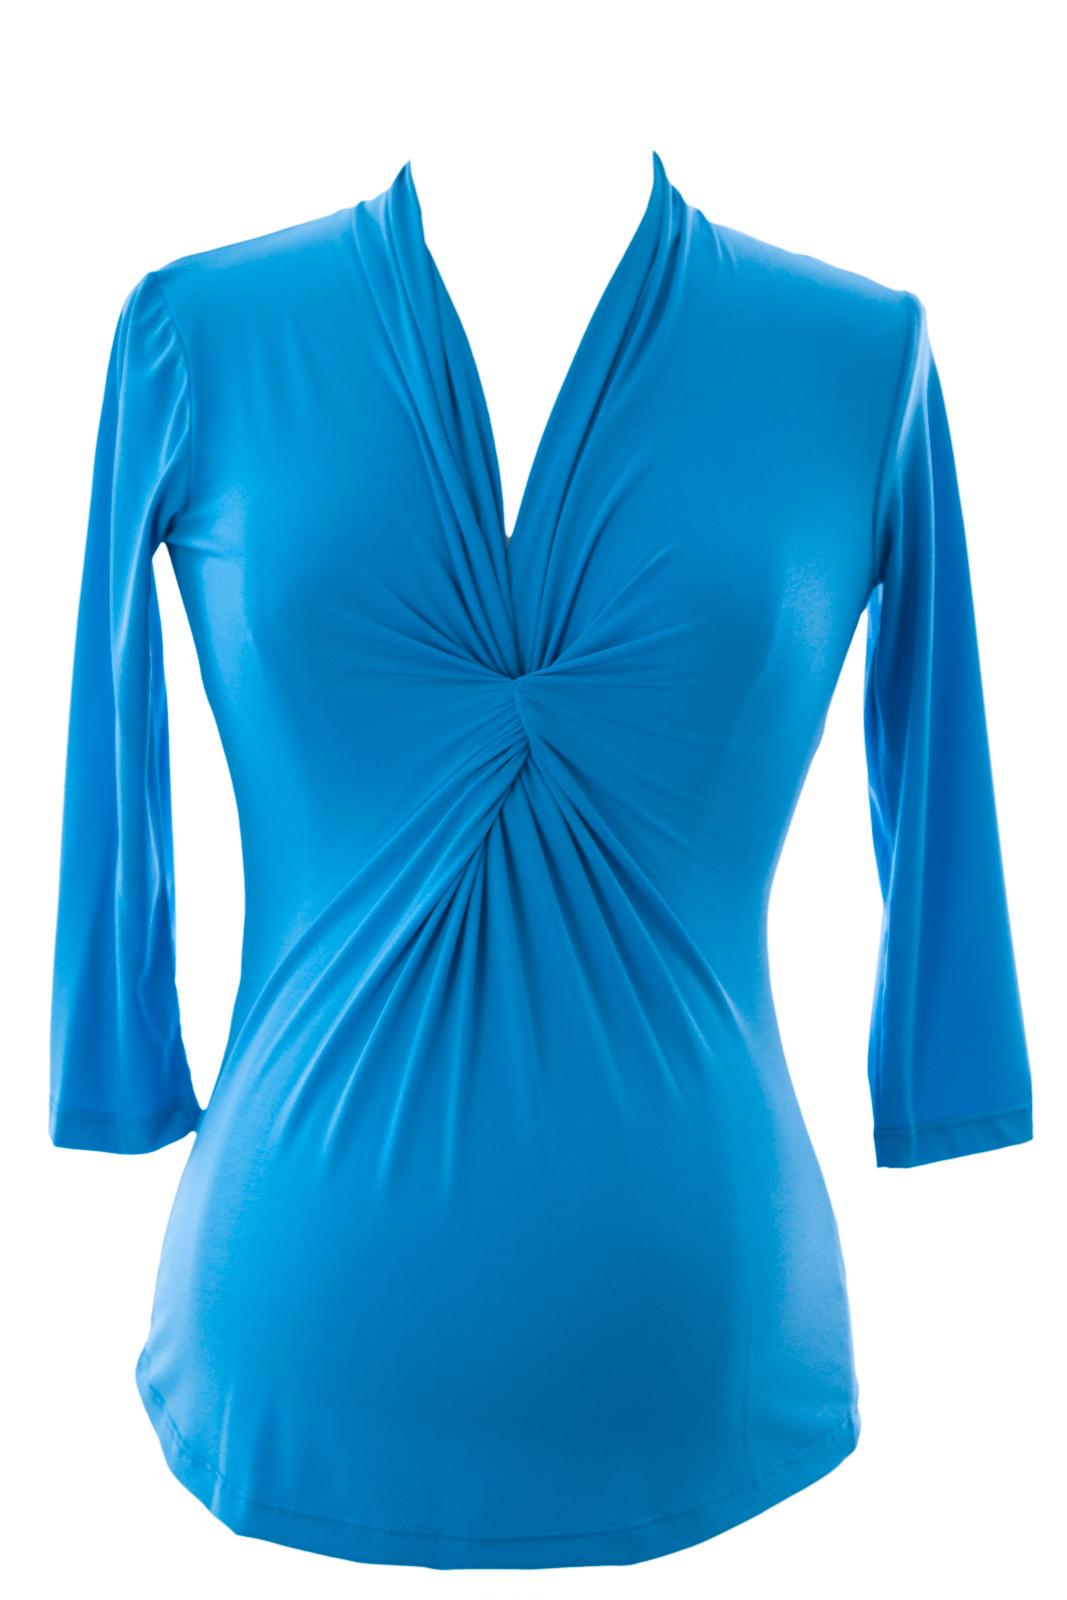 Olian Women's V-Neck Baby Doll Maternity Tunic X-Small Sky Blue